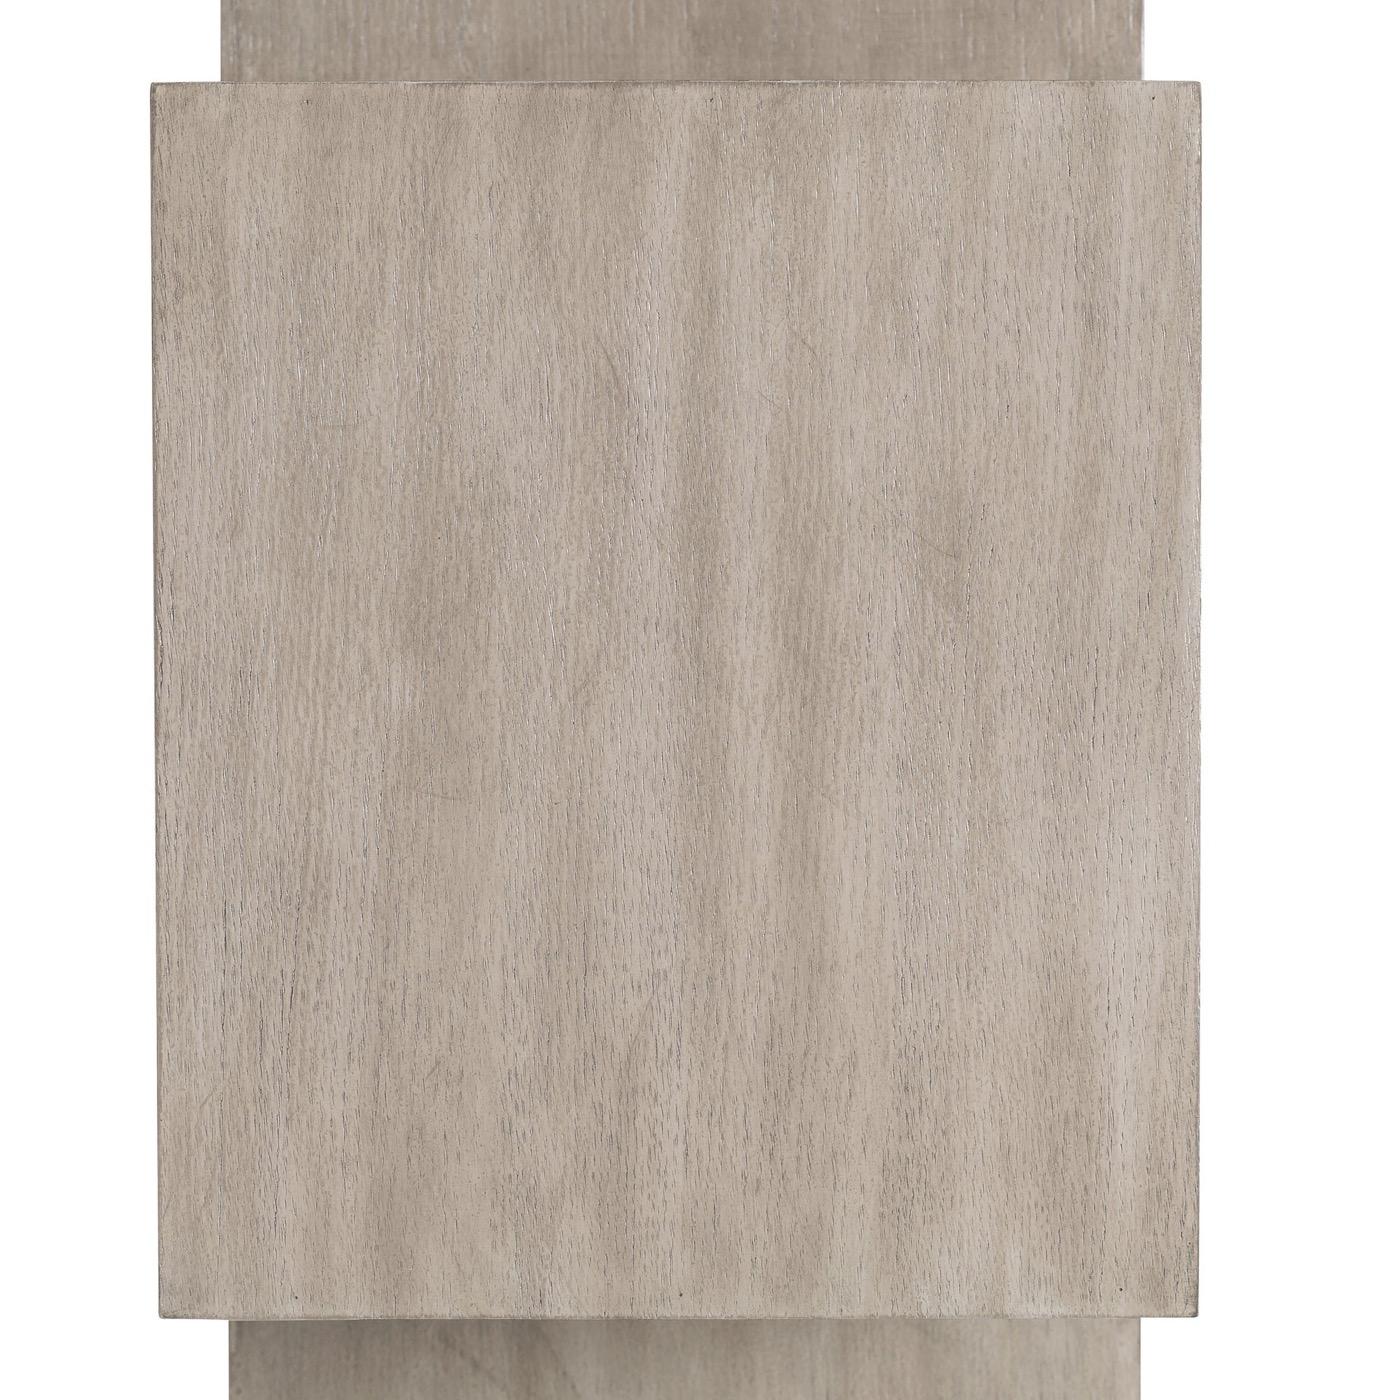 Garfield Oak Shelf |  Light Grey